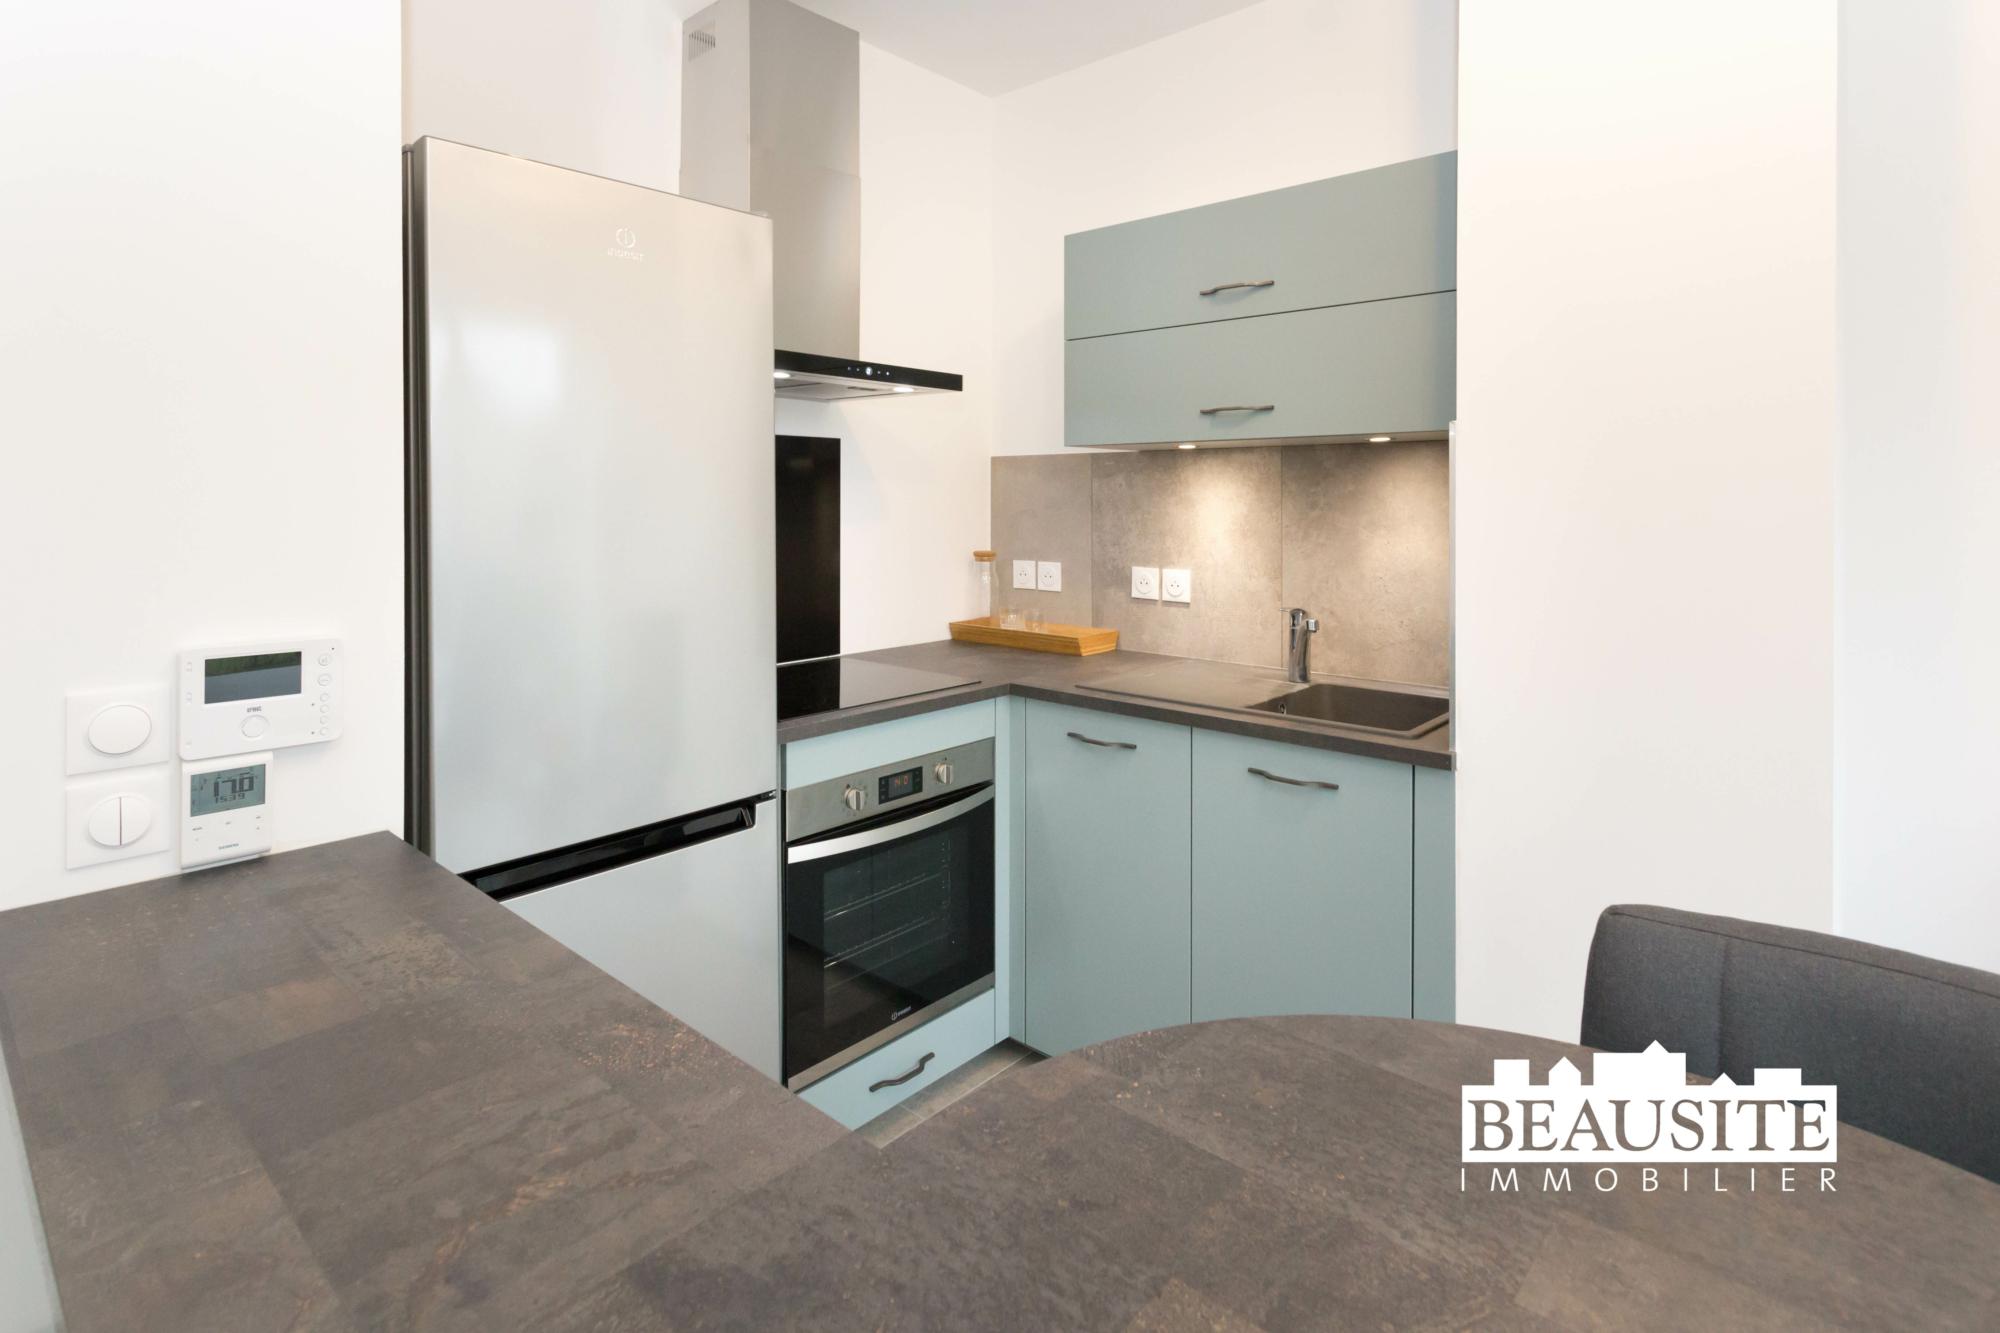 [Green] Appartement avec jardin au coeur de la Krutenau / rue Fritz Kiener - nos ventes - Beausite Immobilier 4